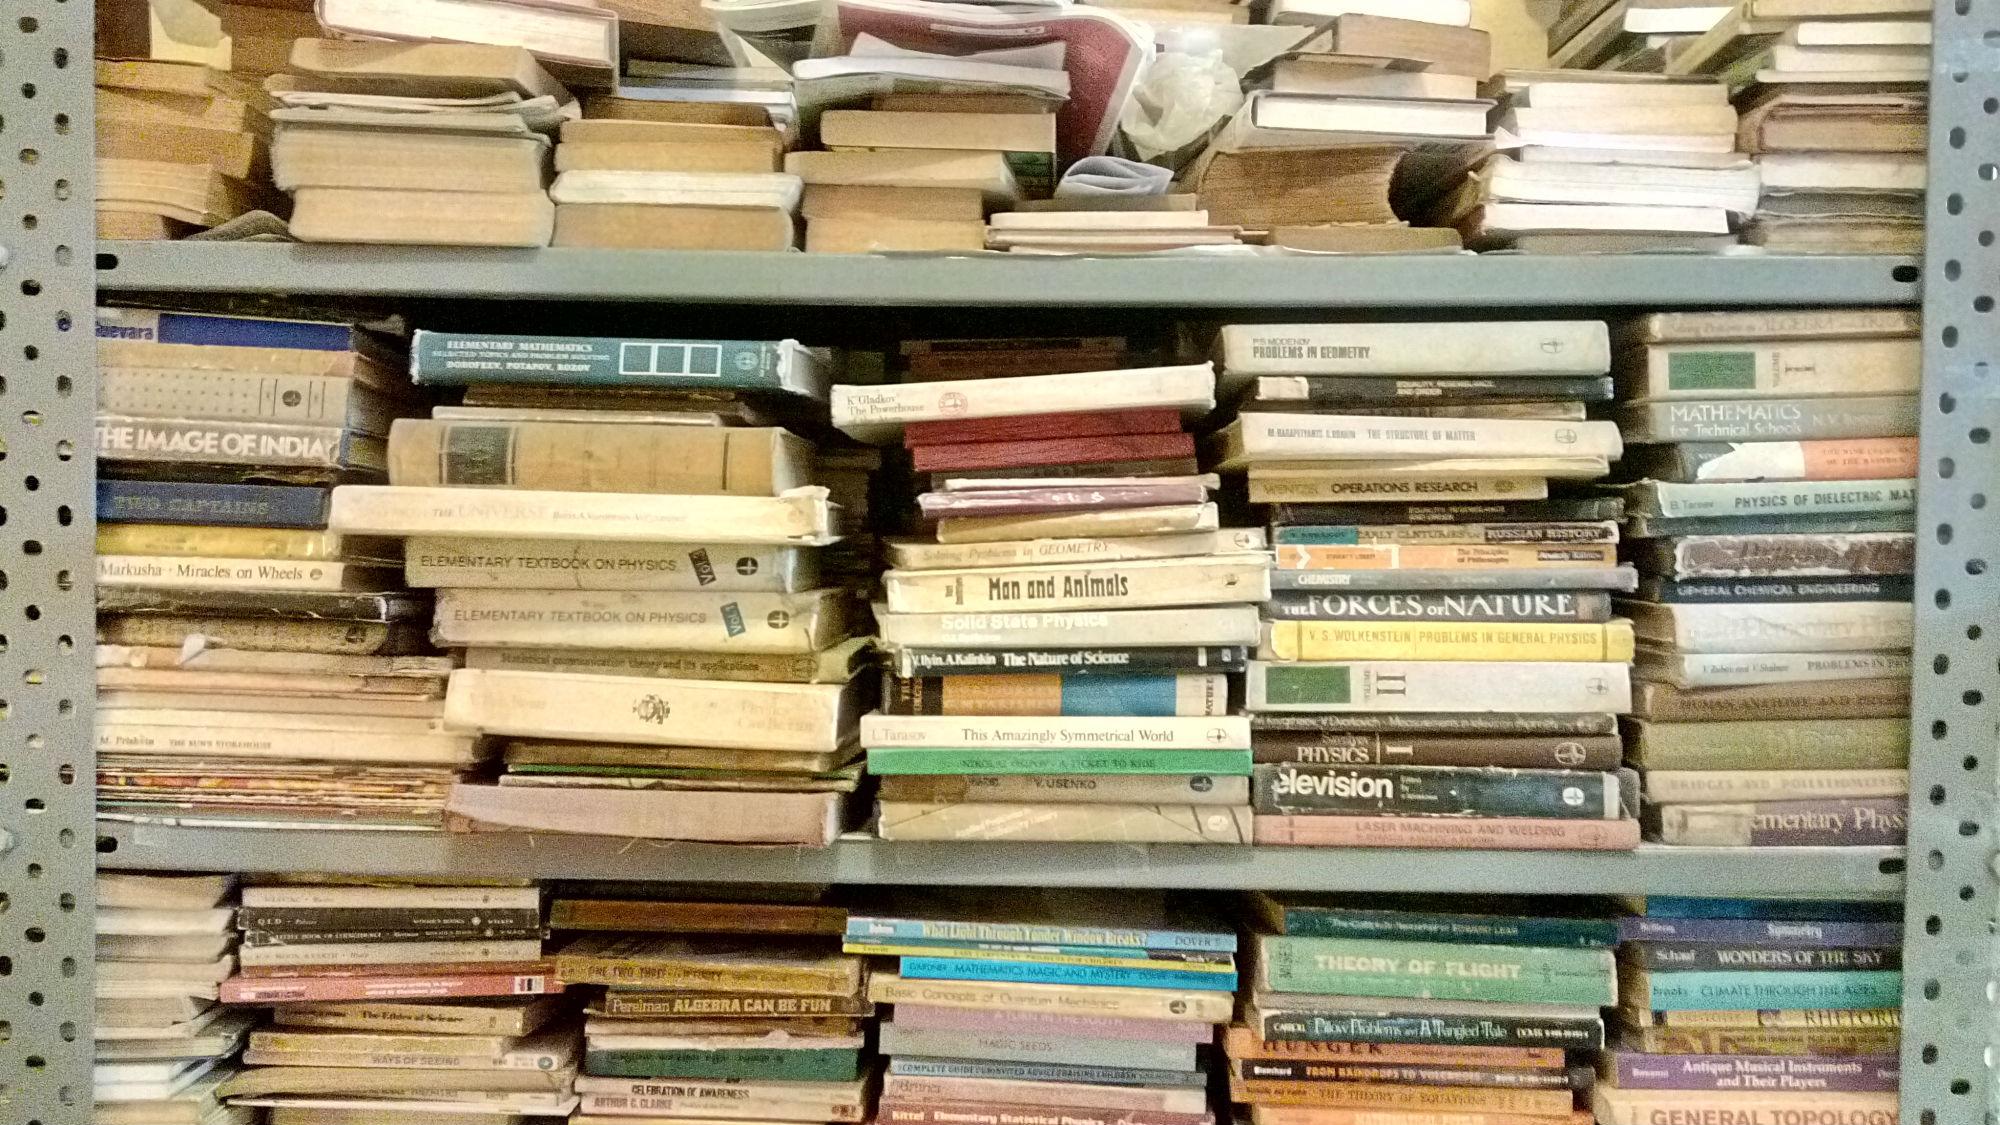 Как советские научные книги стали артефактом у физиков и инженеров в Индии - 2